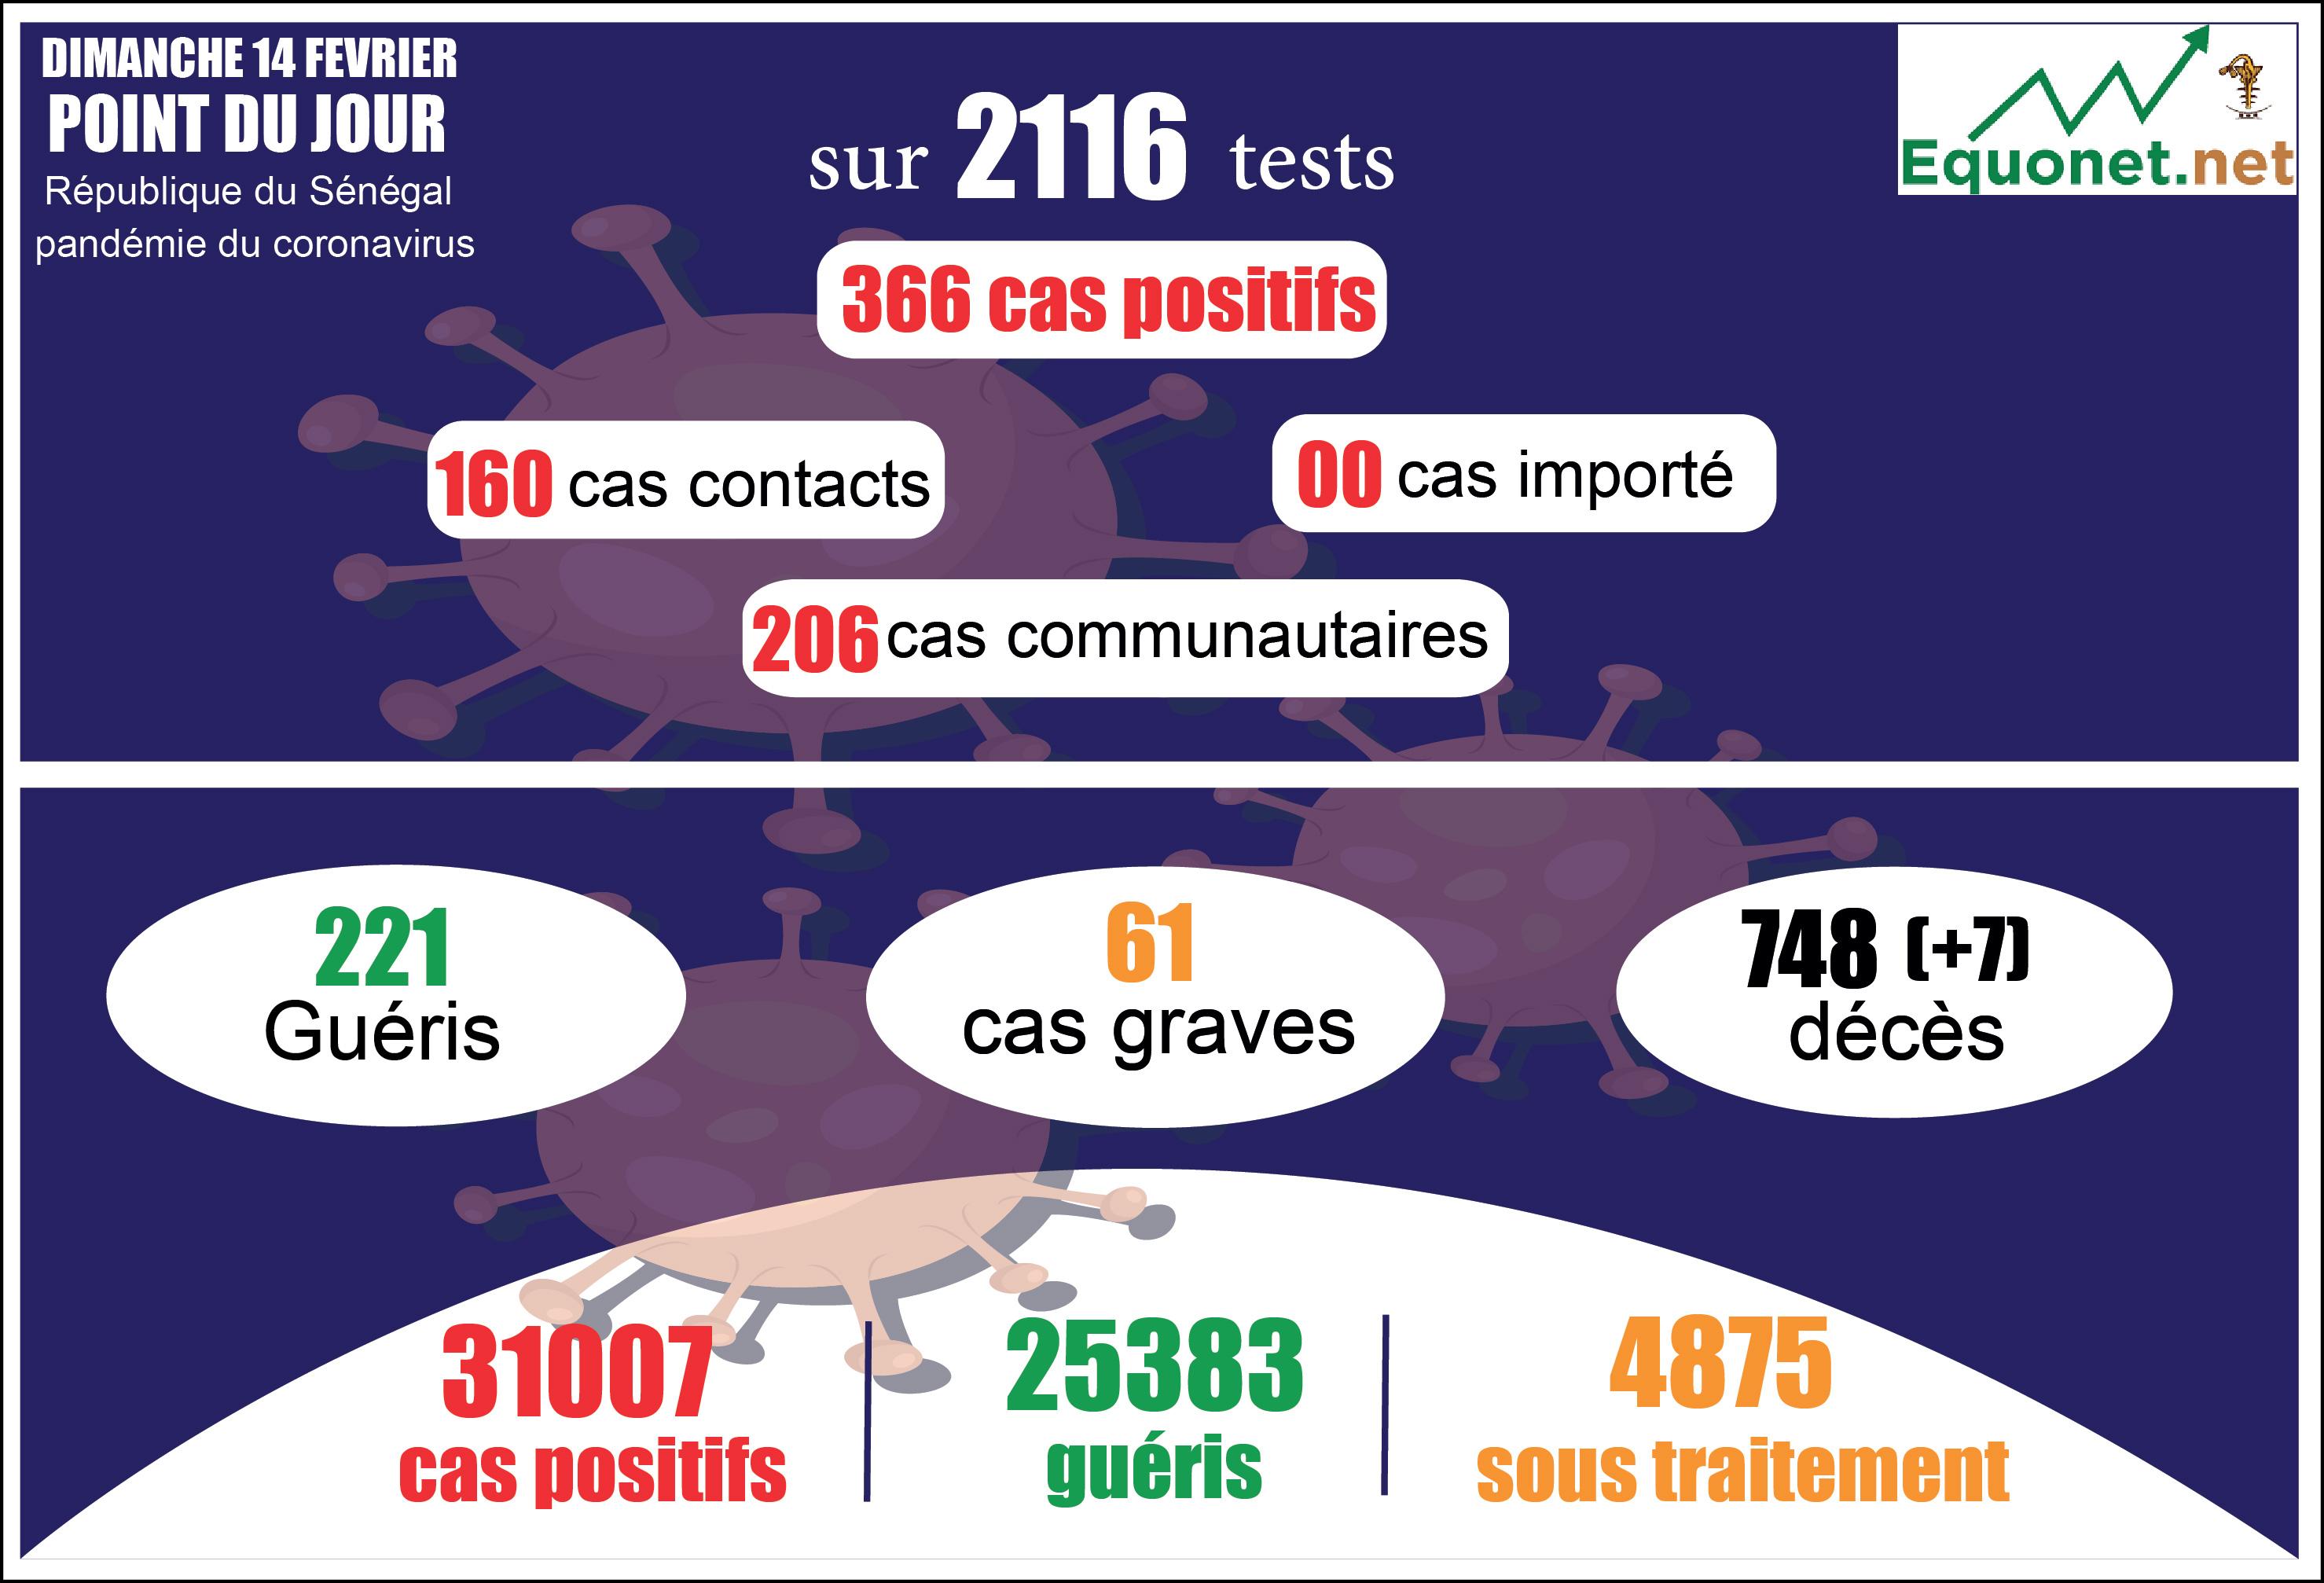 pandémie du coronavirus-covid-19 au sénégal : 206 cas communautaires et 7 décès enregistrés ce dimanche 14 février 2021